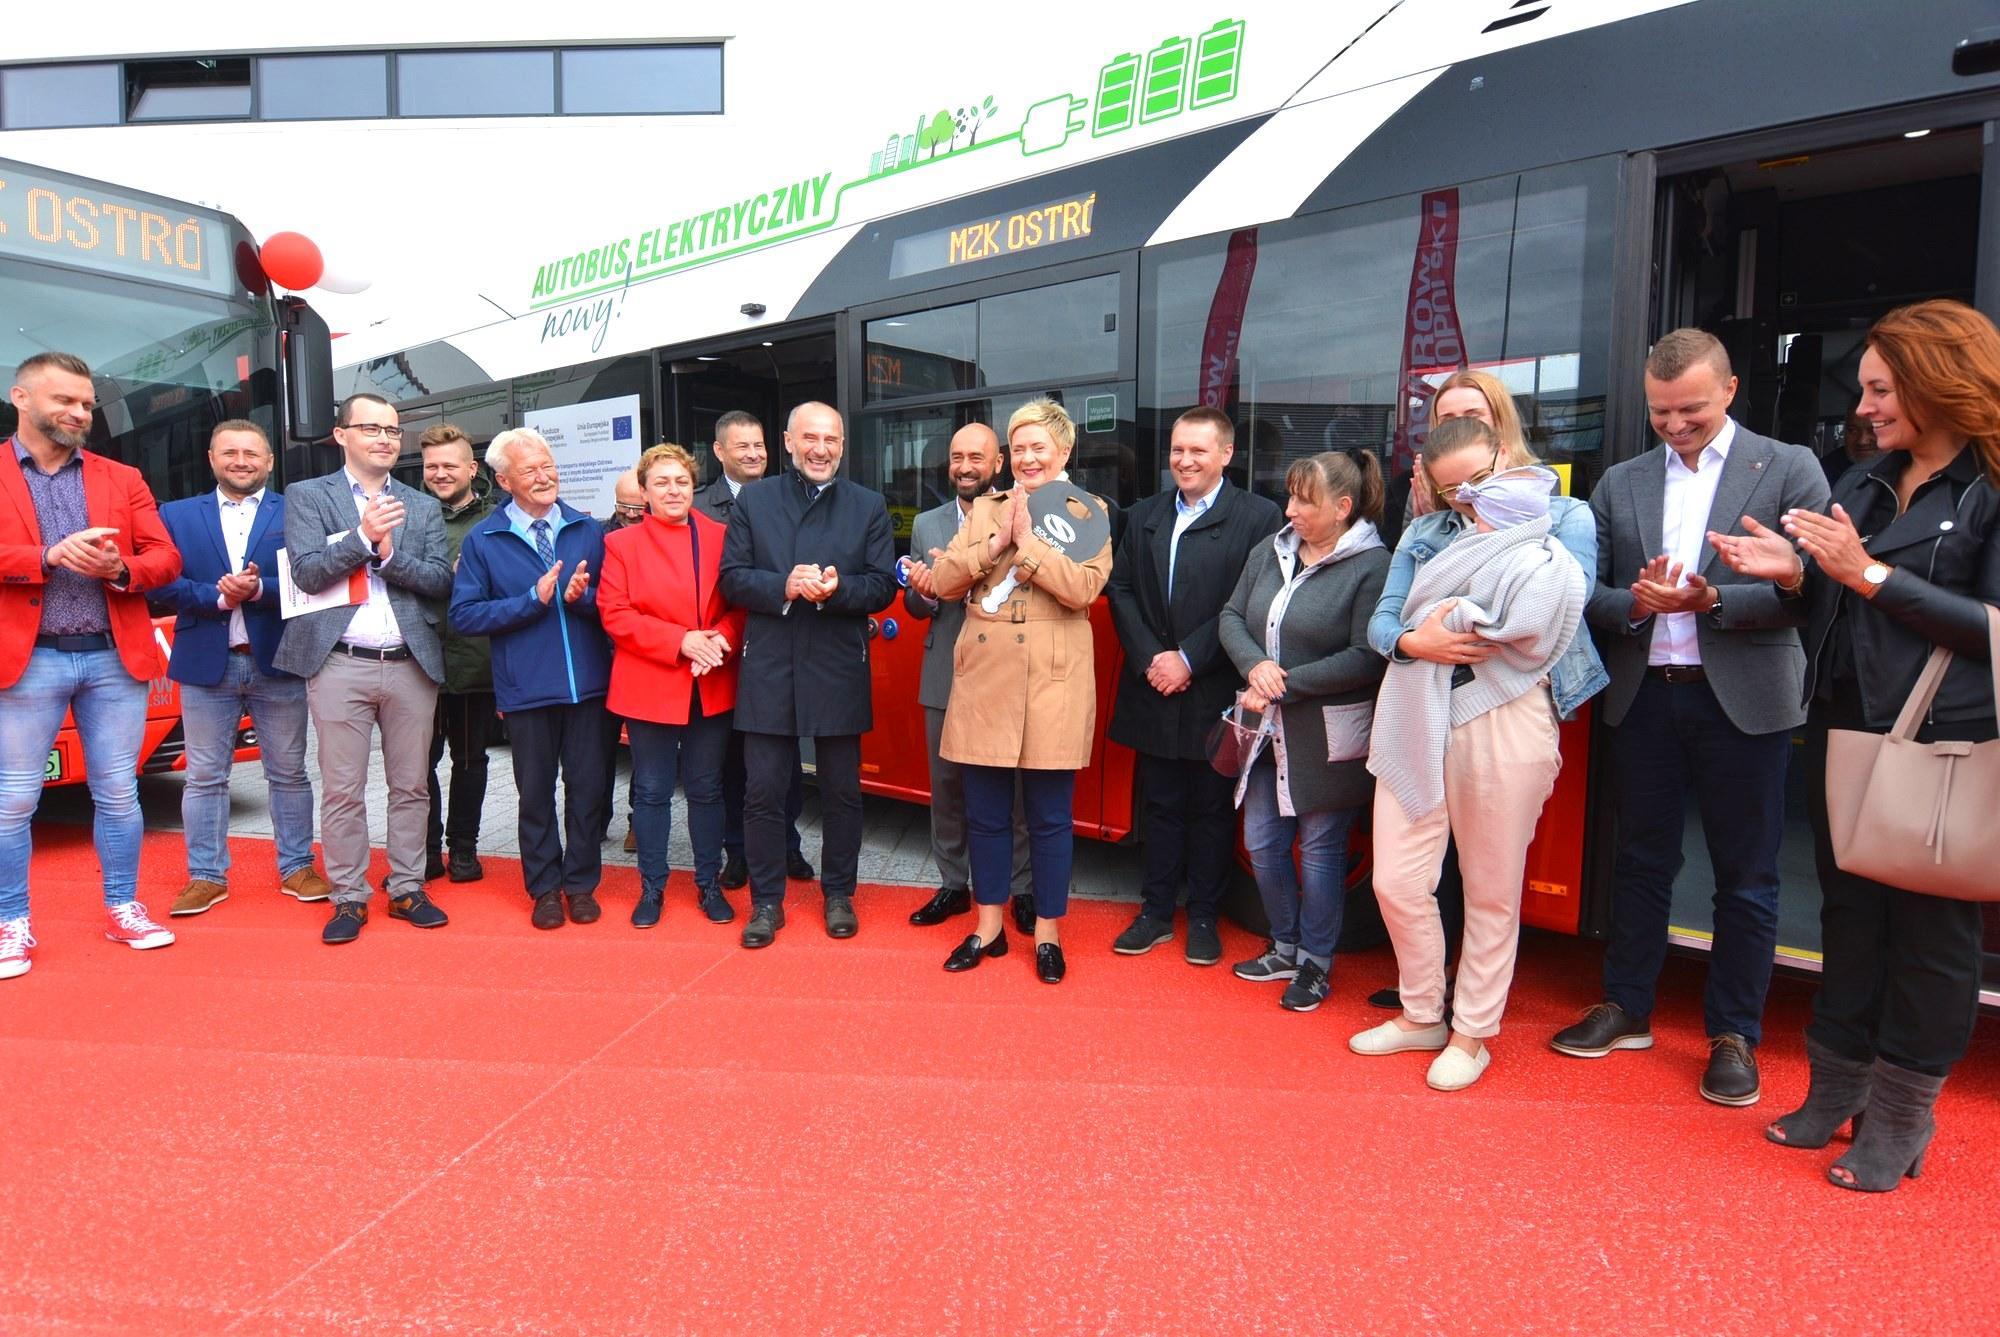 dsc 0288 - Nowe autobusy elektryczne w Ostrowie Wielkopolskim